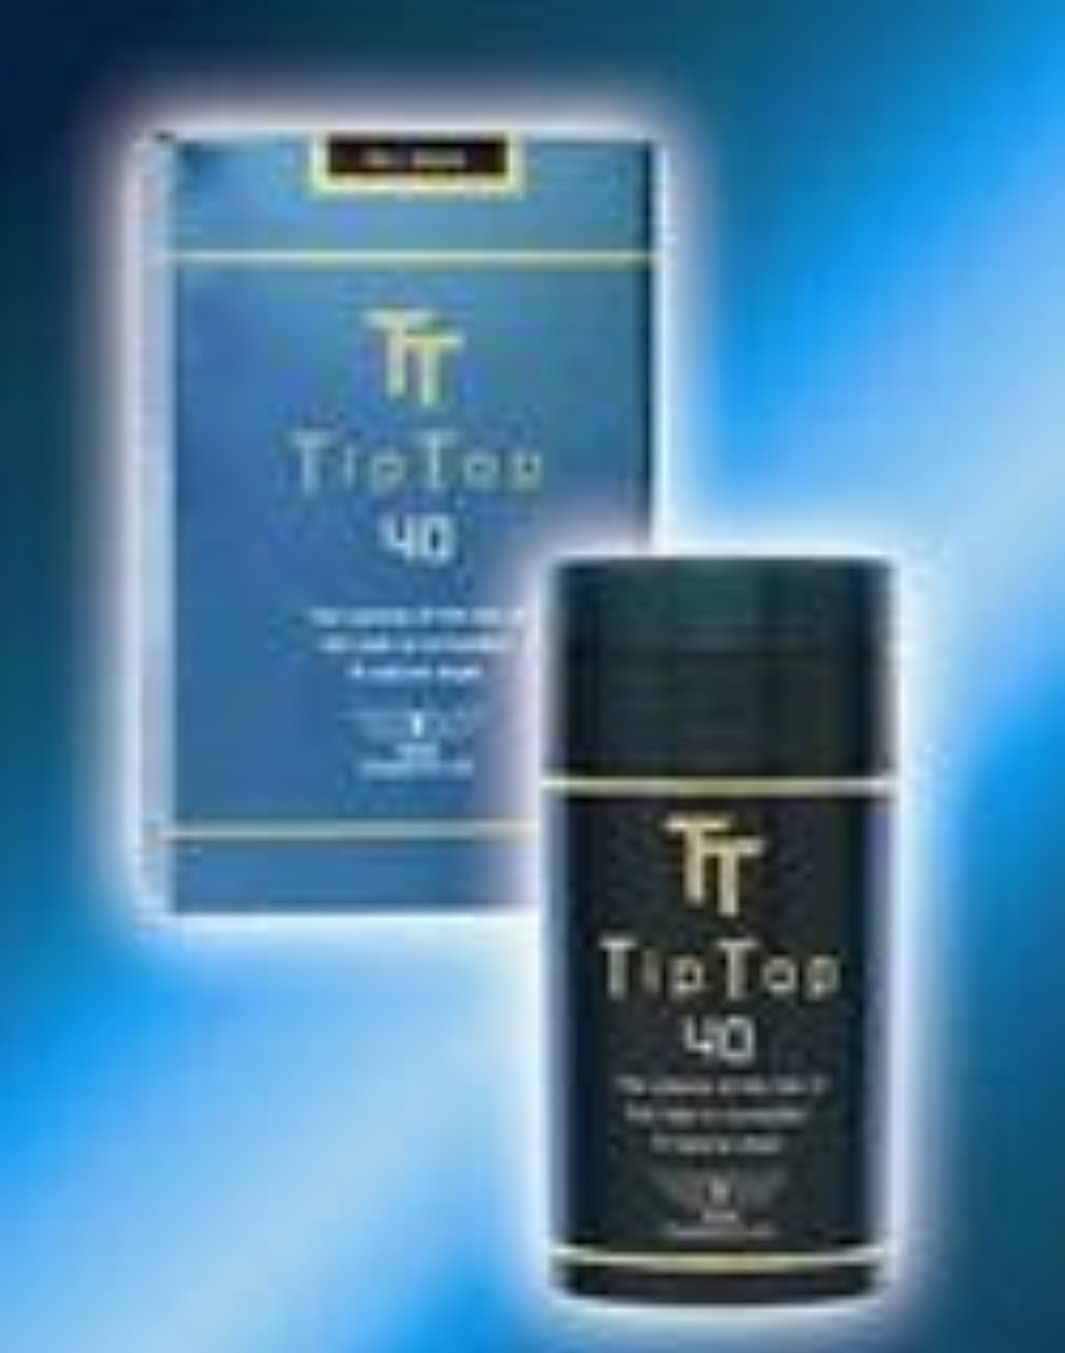 咳利用可能寛容ティップトップ40 40g 高品質な特殊繊維 (フルだけ瞬間薄毛ケア) No8:ゴールド